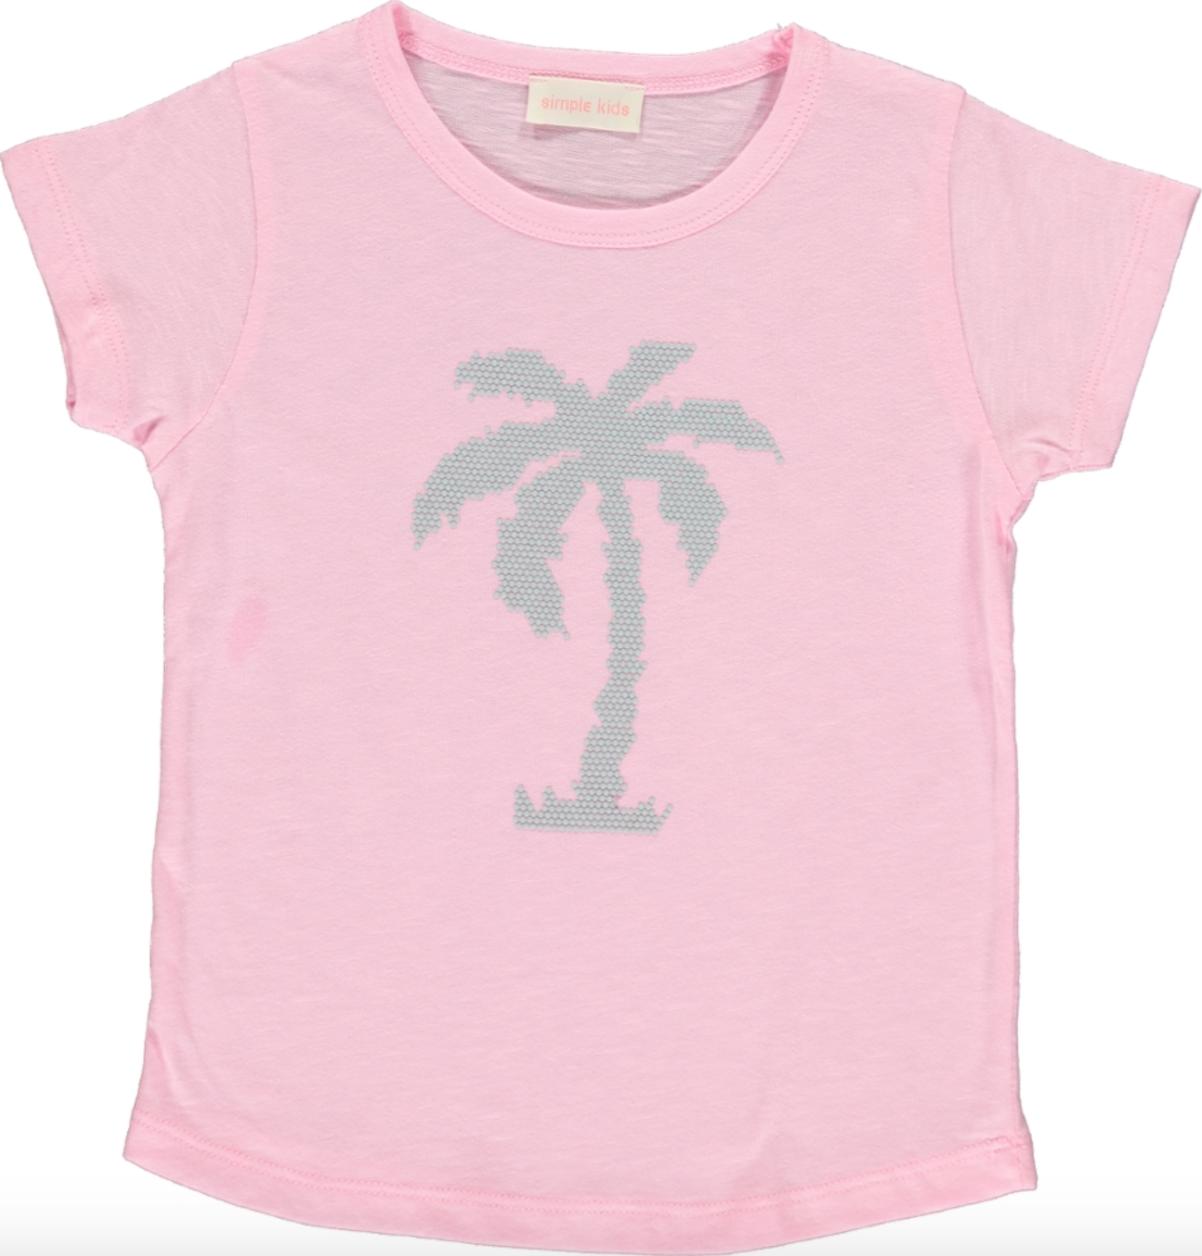 Simple Kids Palm Tshirt Pink